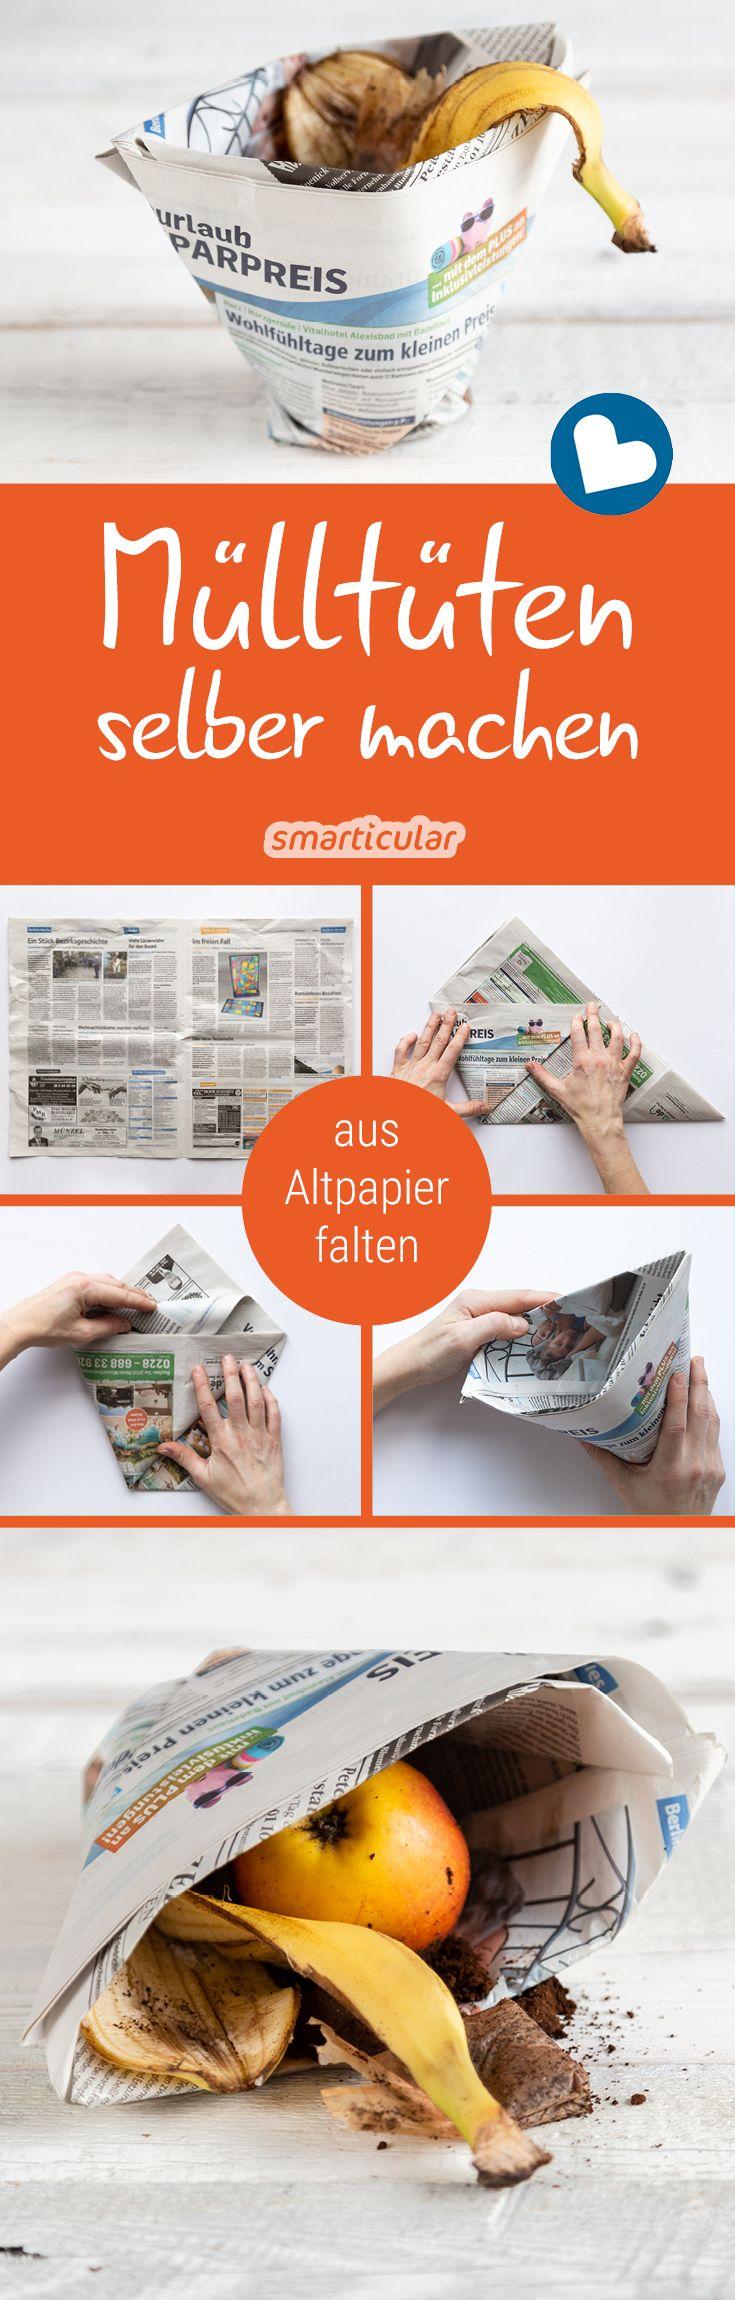 Mulltuten Und Einkaufstuten Ohne Kleben Aus Zeitungspapier Falten Mit Video Einkaufstuten Papier Und Einkaufen